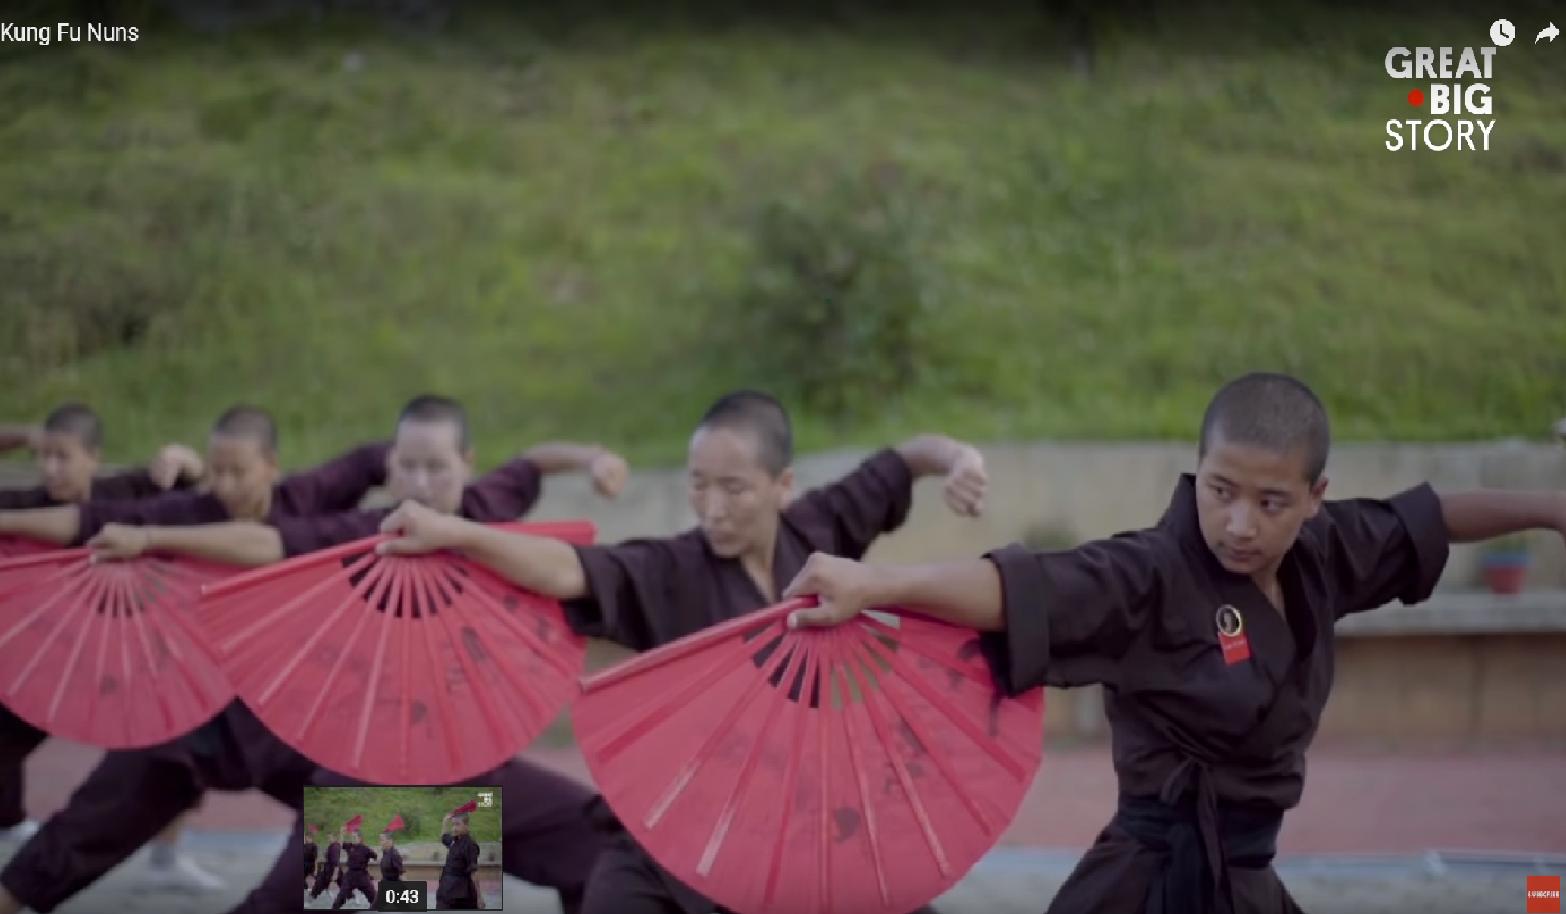 'Kung Fu redovnice' mijenjaju sliku o 'slabijem' ženskom redu